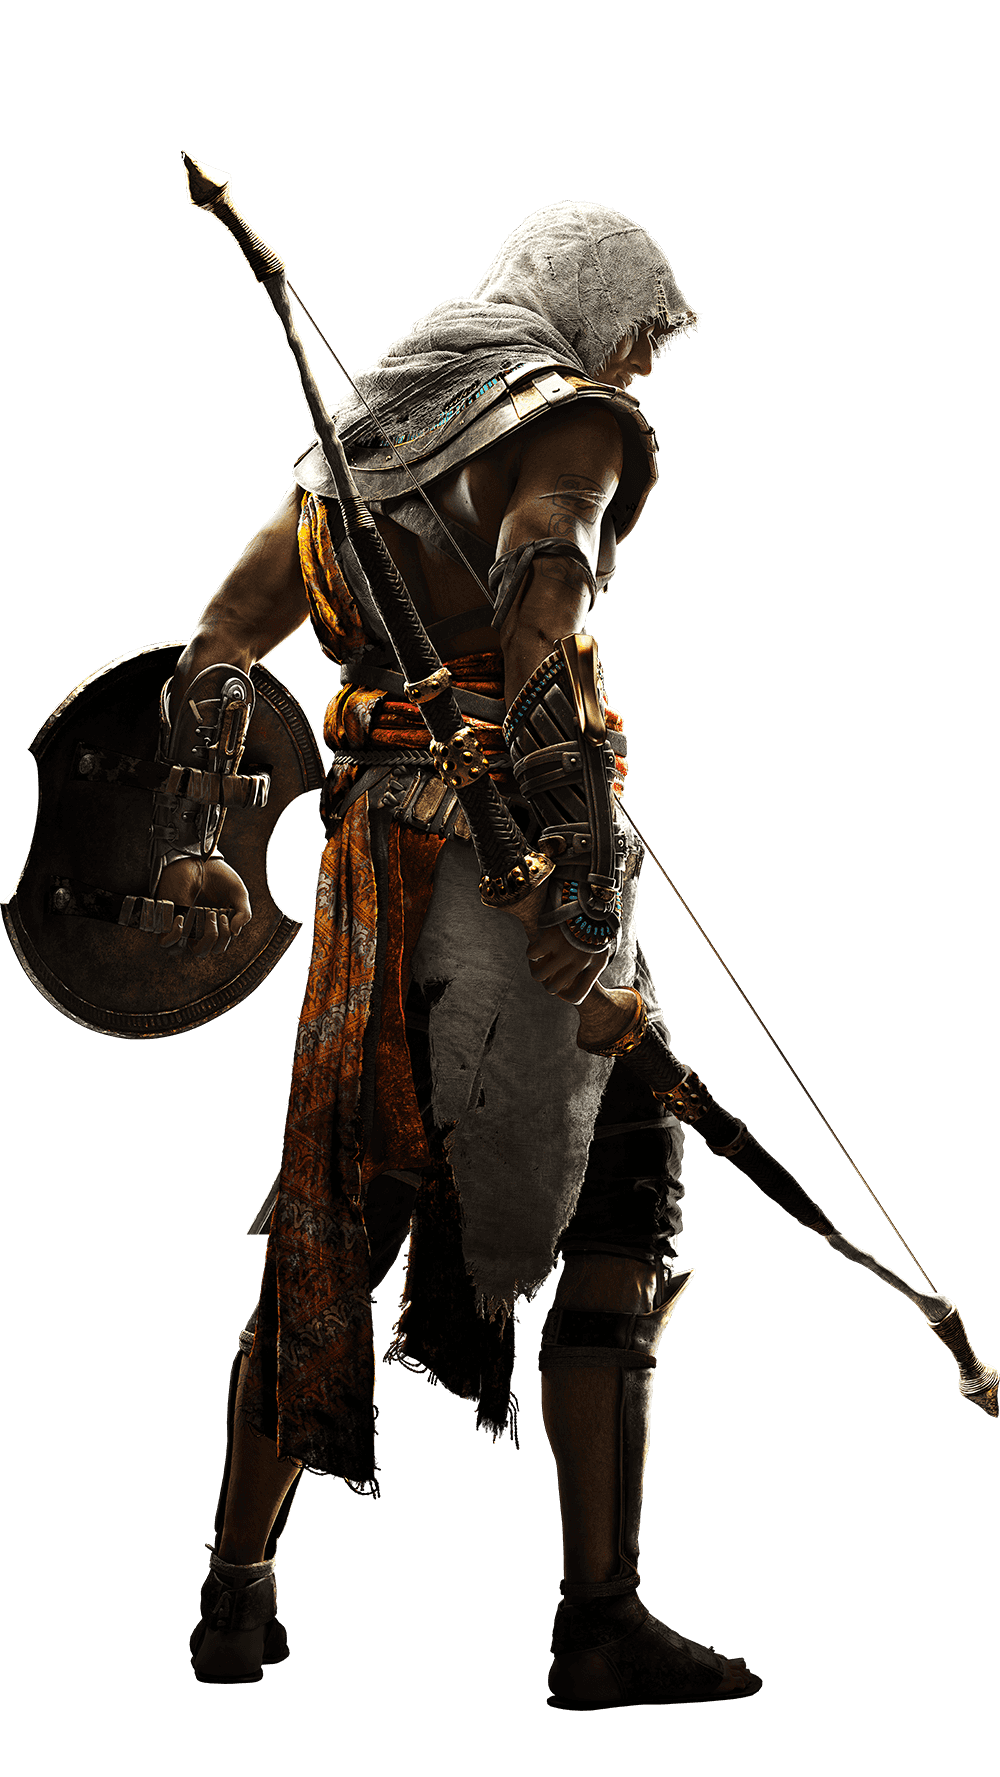 Рецензия на Assassin's Creed: Origins. Обзор игры - Изображение 6